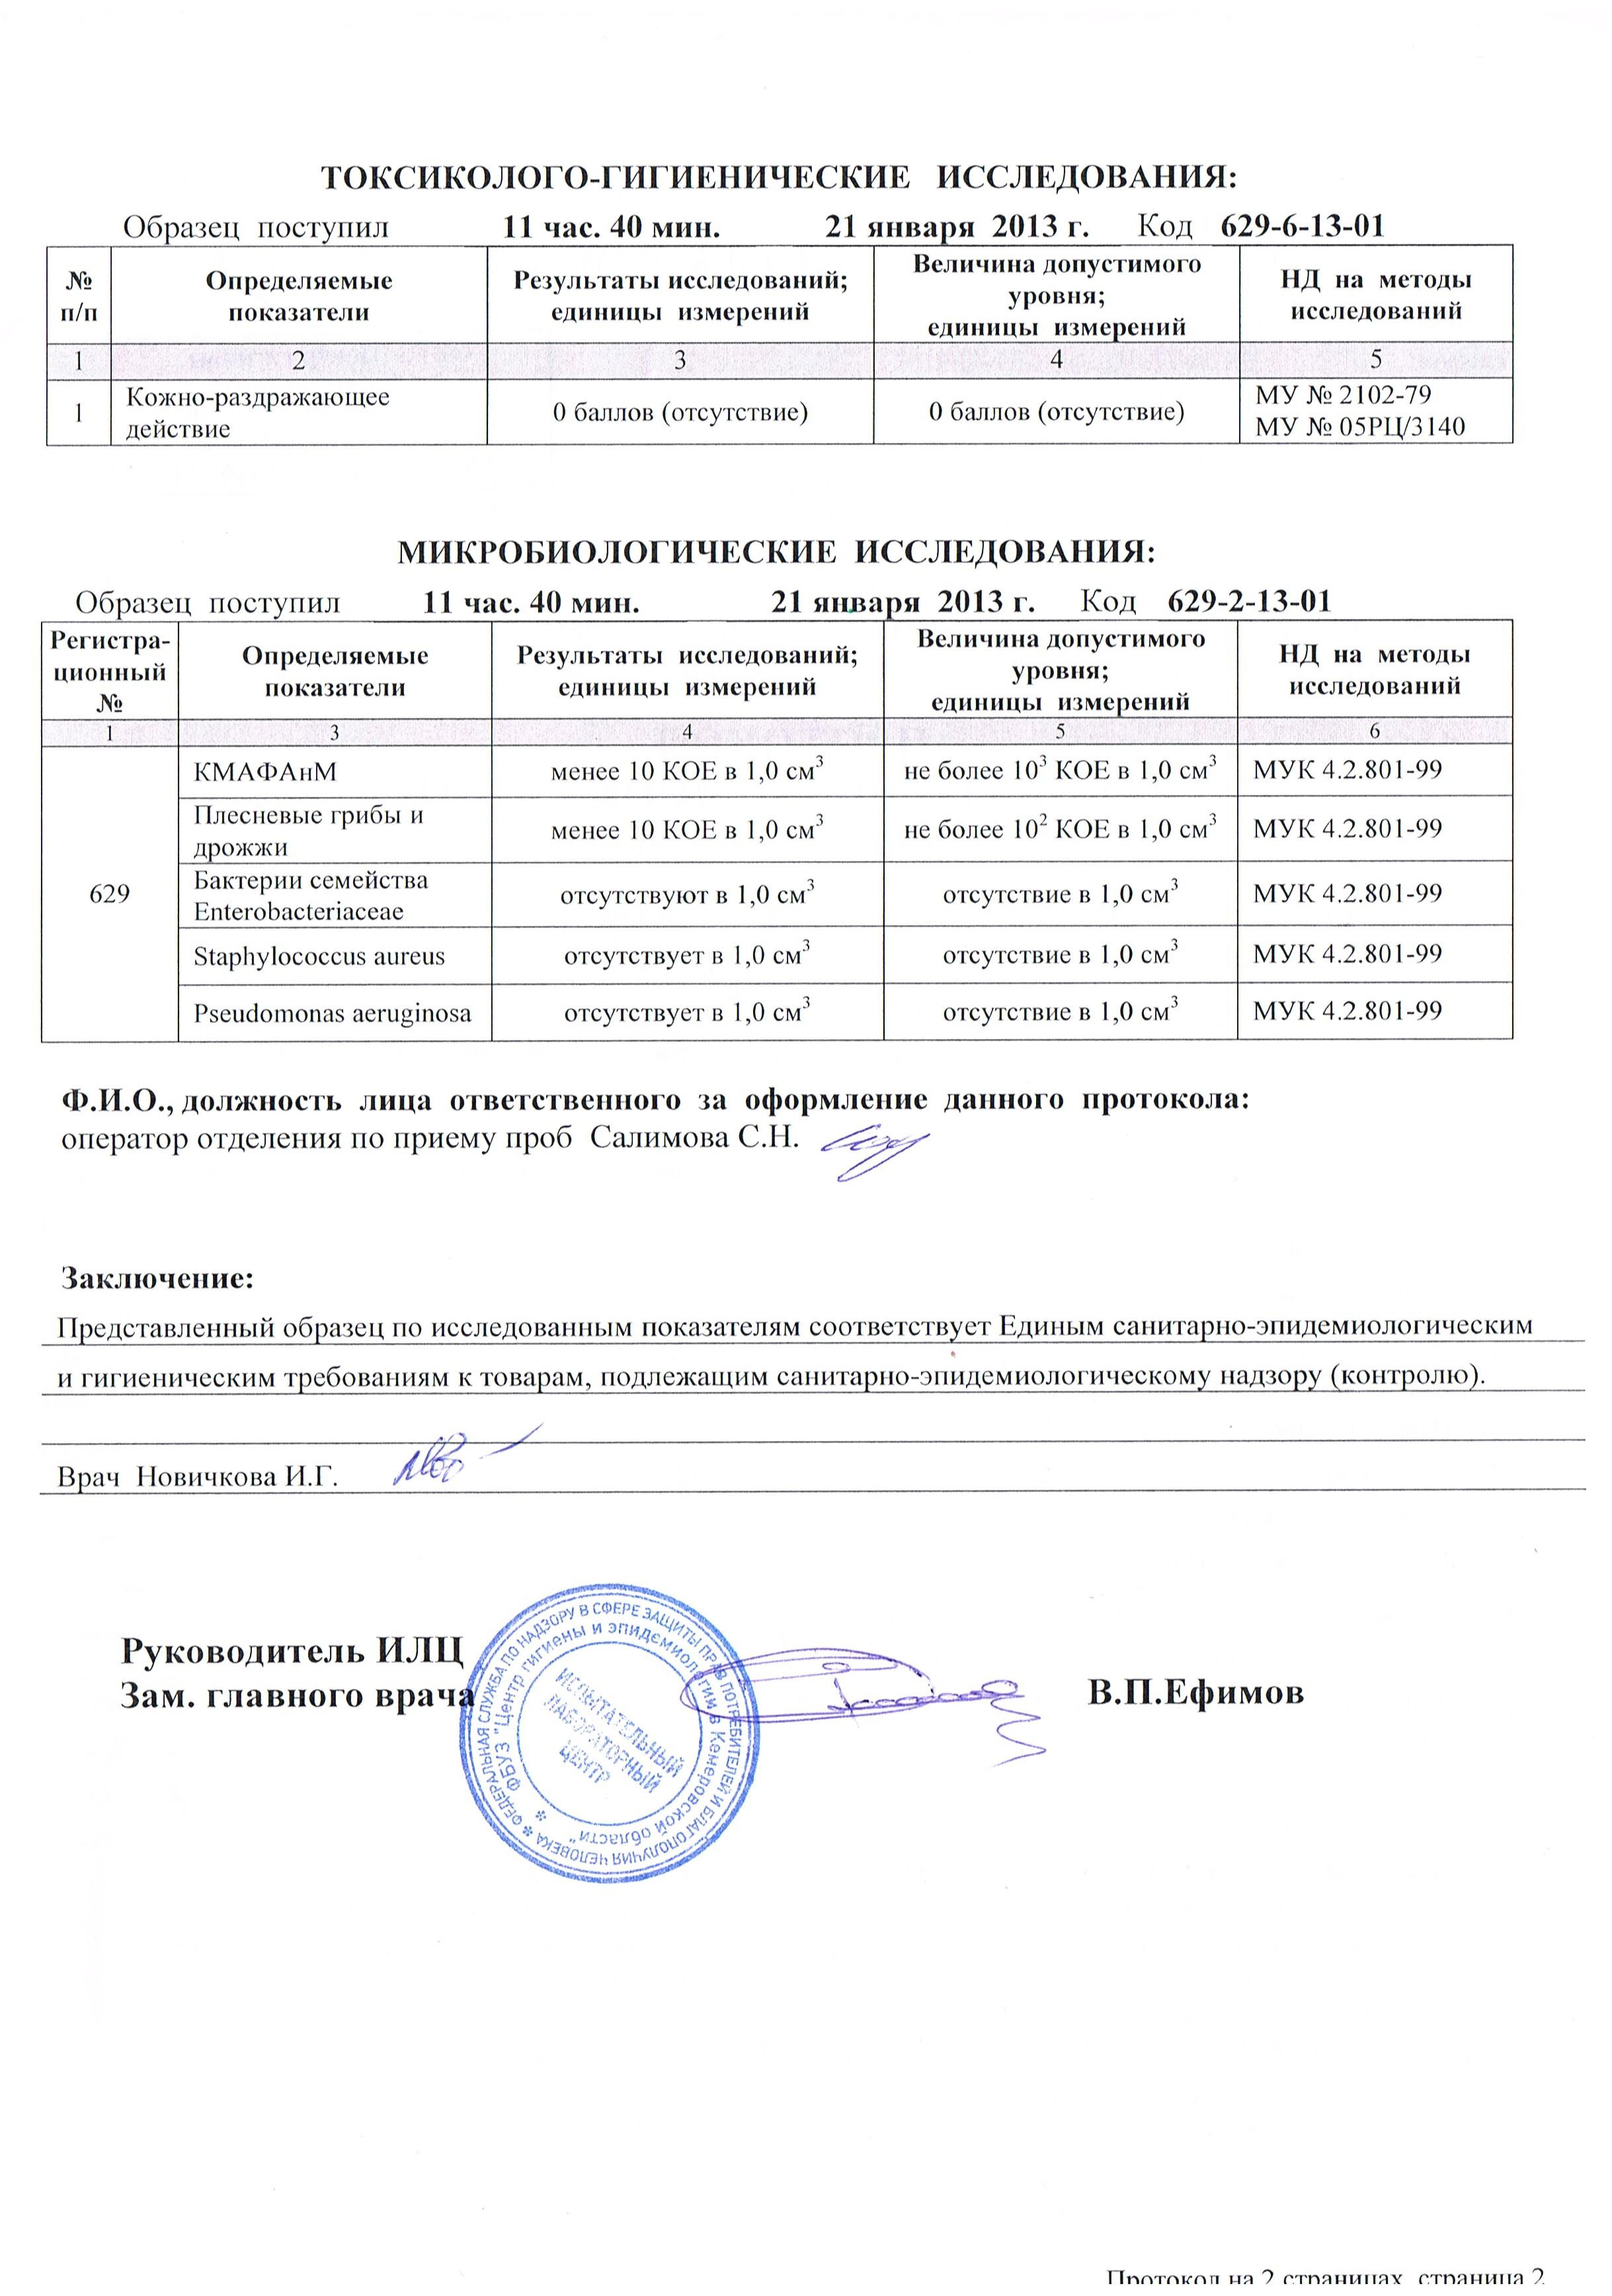 Протокол Лабораторные испытания 2 сторона 29.01.2013